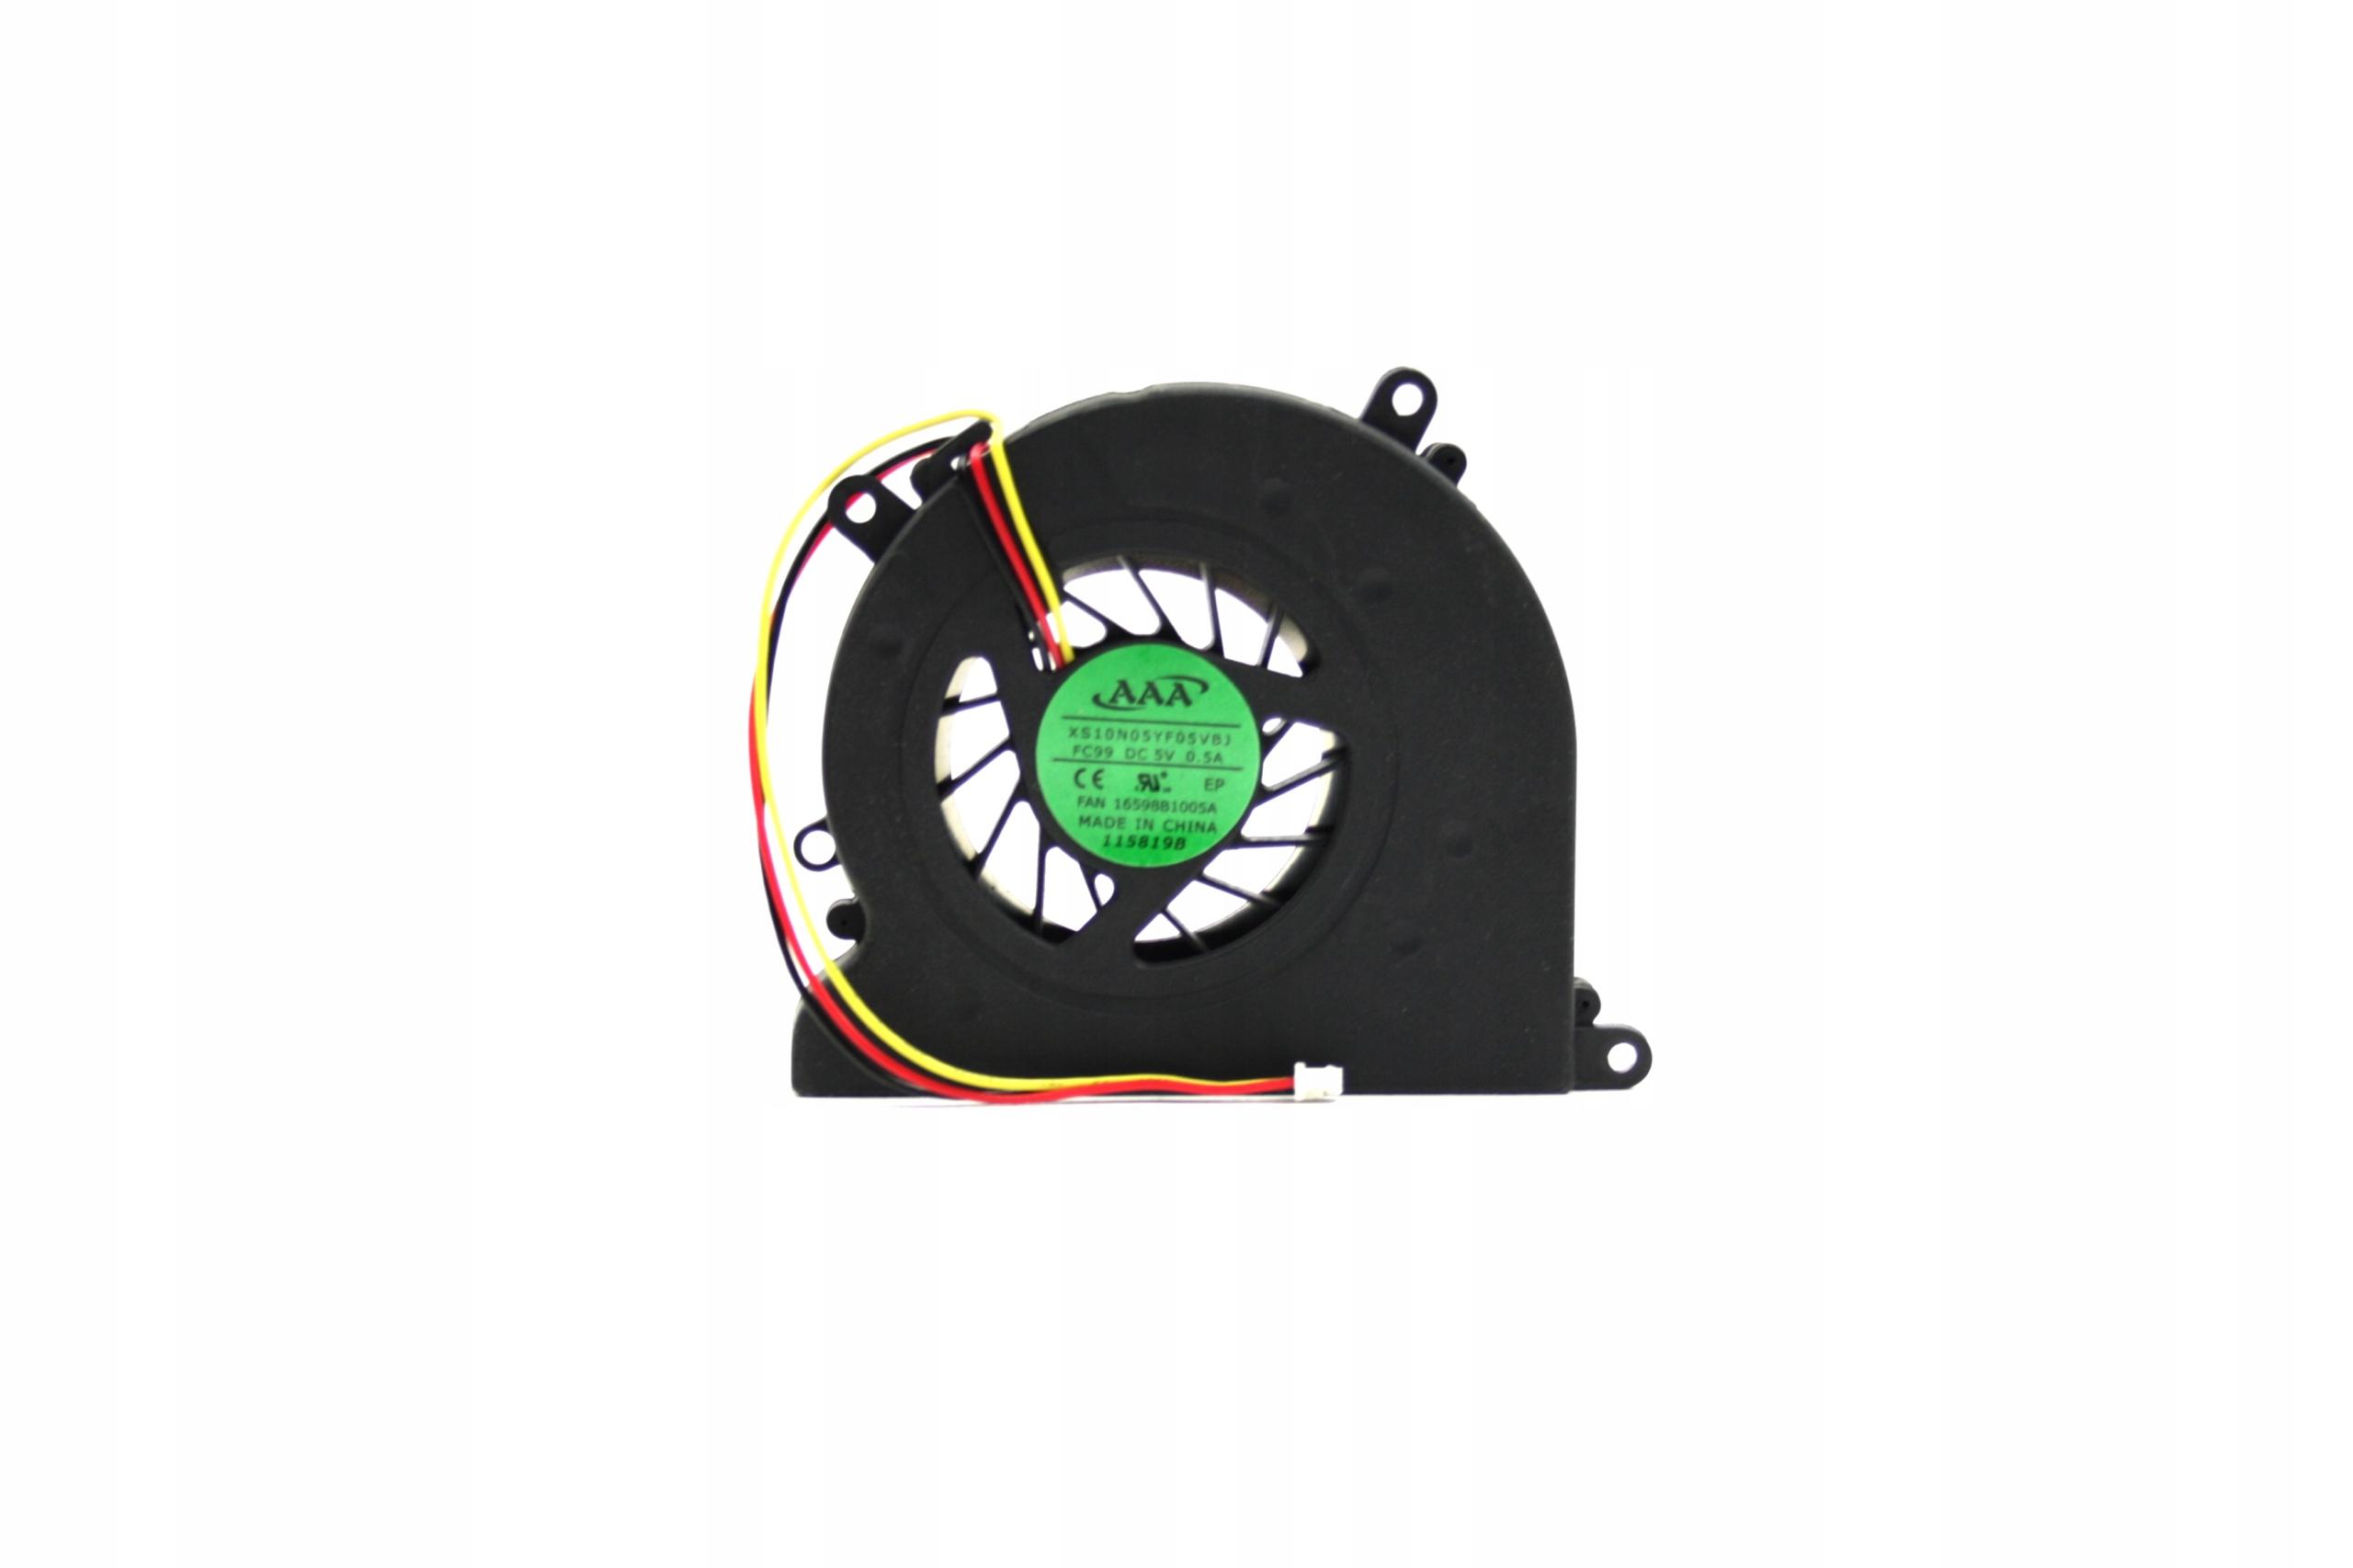 WENTYLATOR CHŁODZENIE WIATRAK DELL VOSTRO 1310 1510 1520 - Wentylatory i radiatory